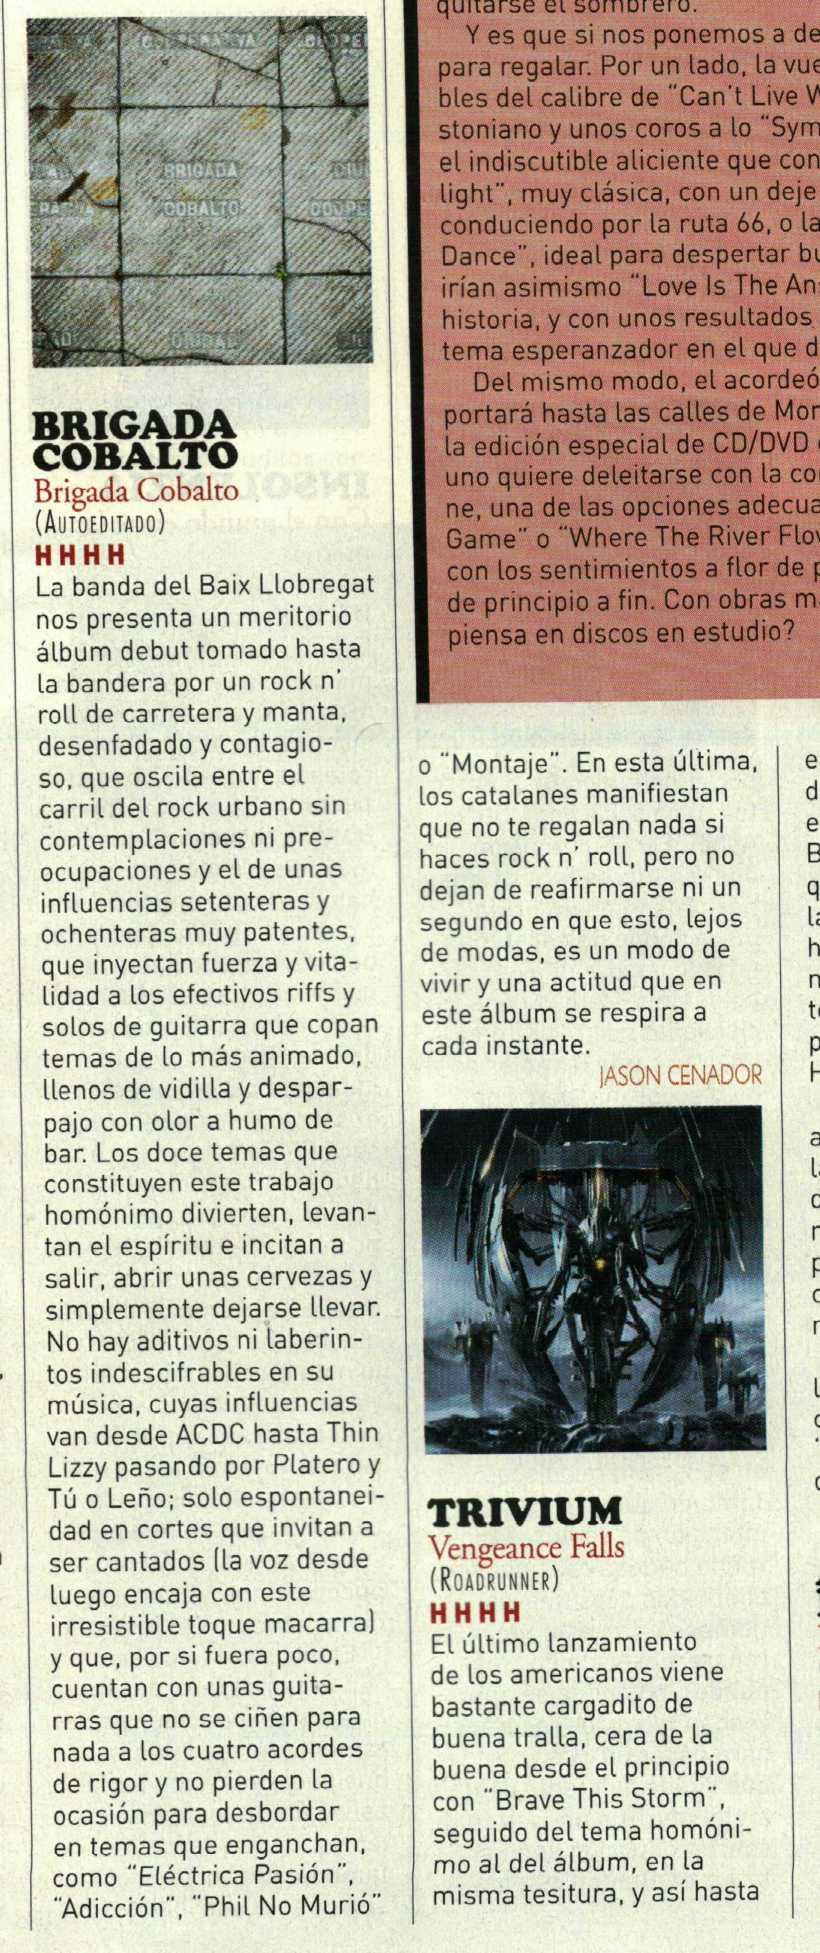 Magnífica acogida de Brigada Cobalto en la revista 'Heavy Rock'